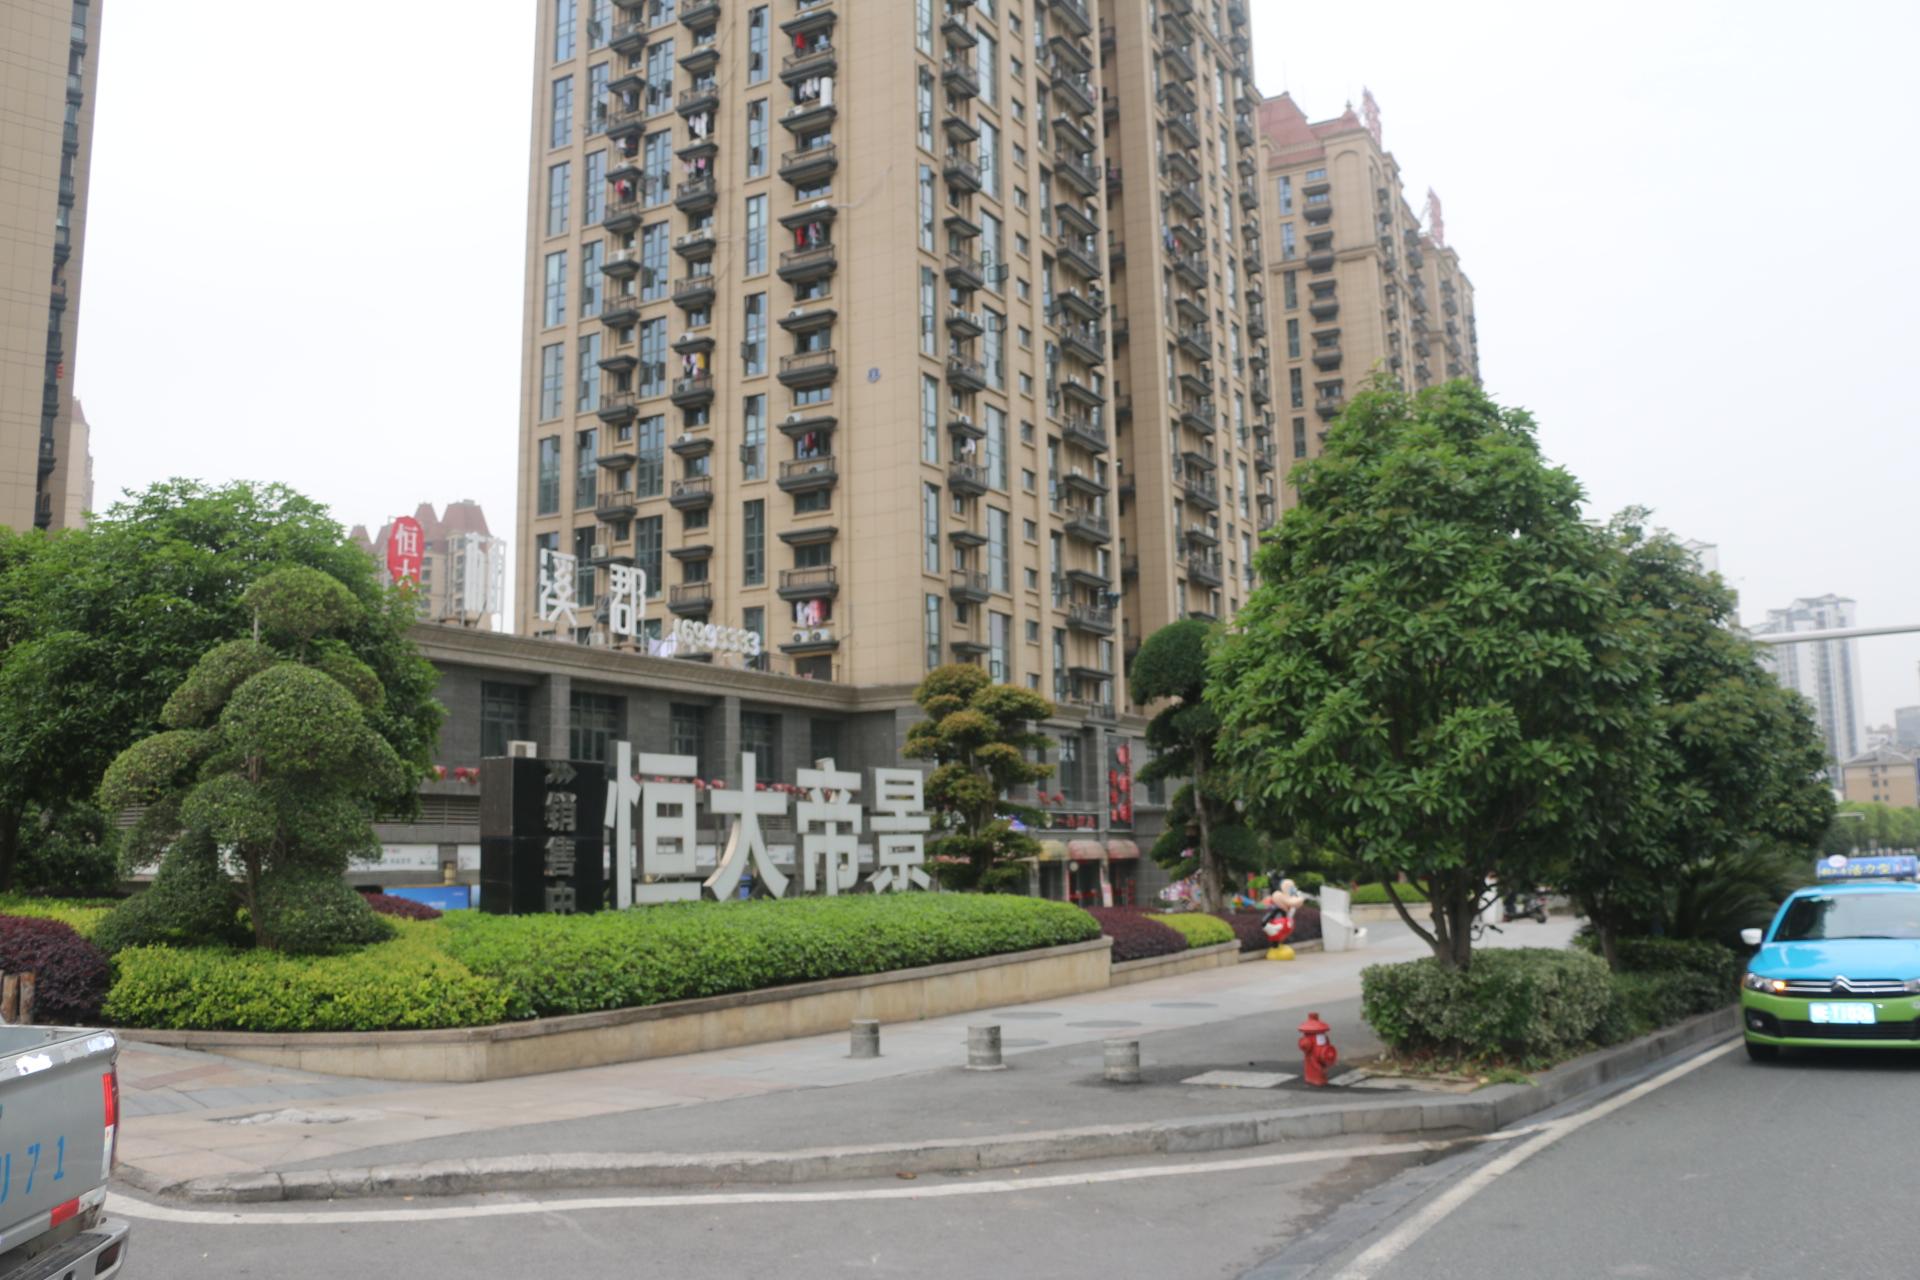 宜昌·恒大帝景丨选择舒适100,让您非常倍感温暖!